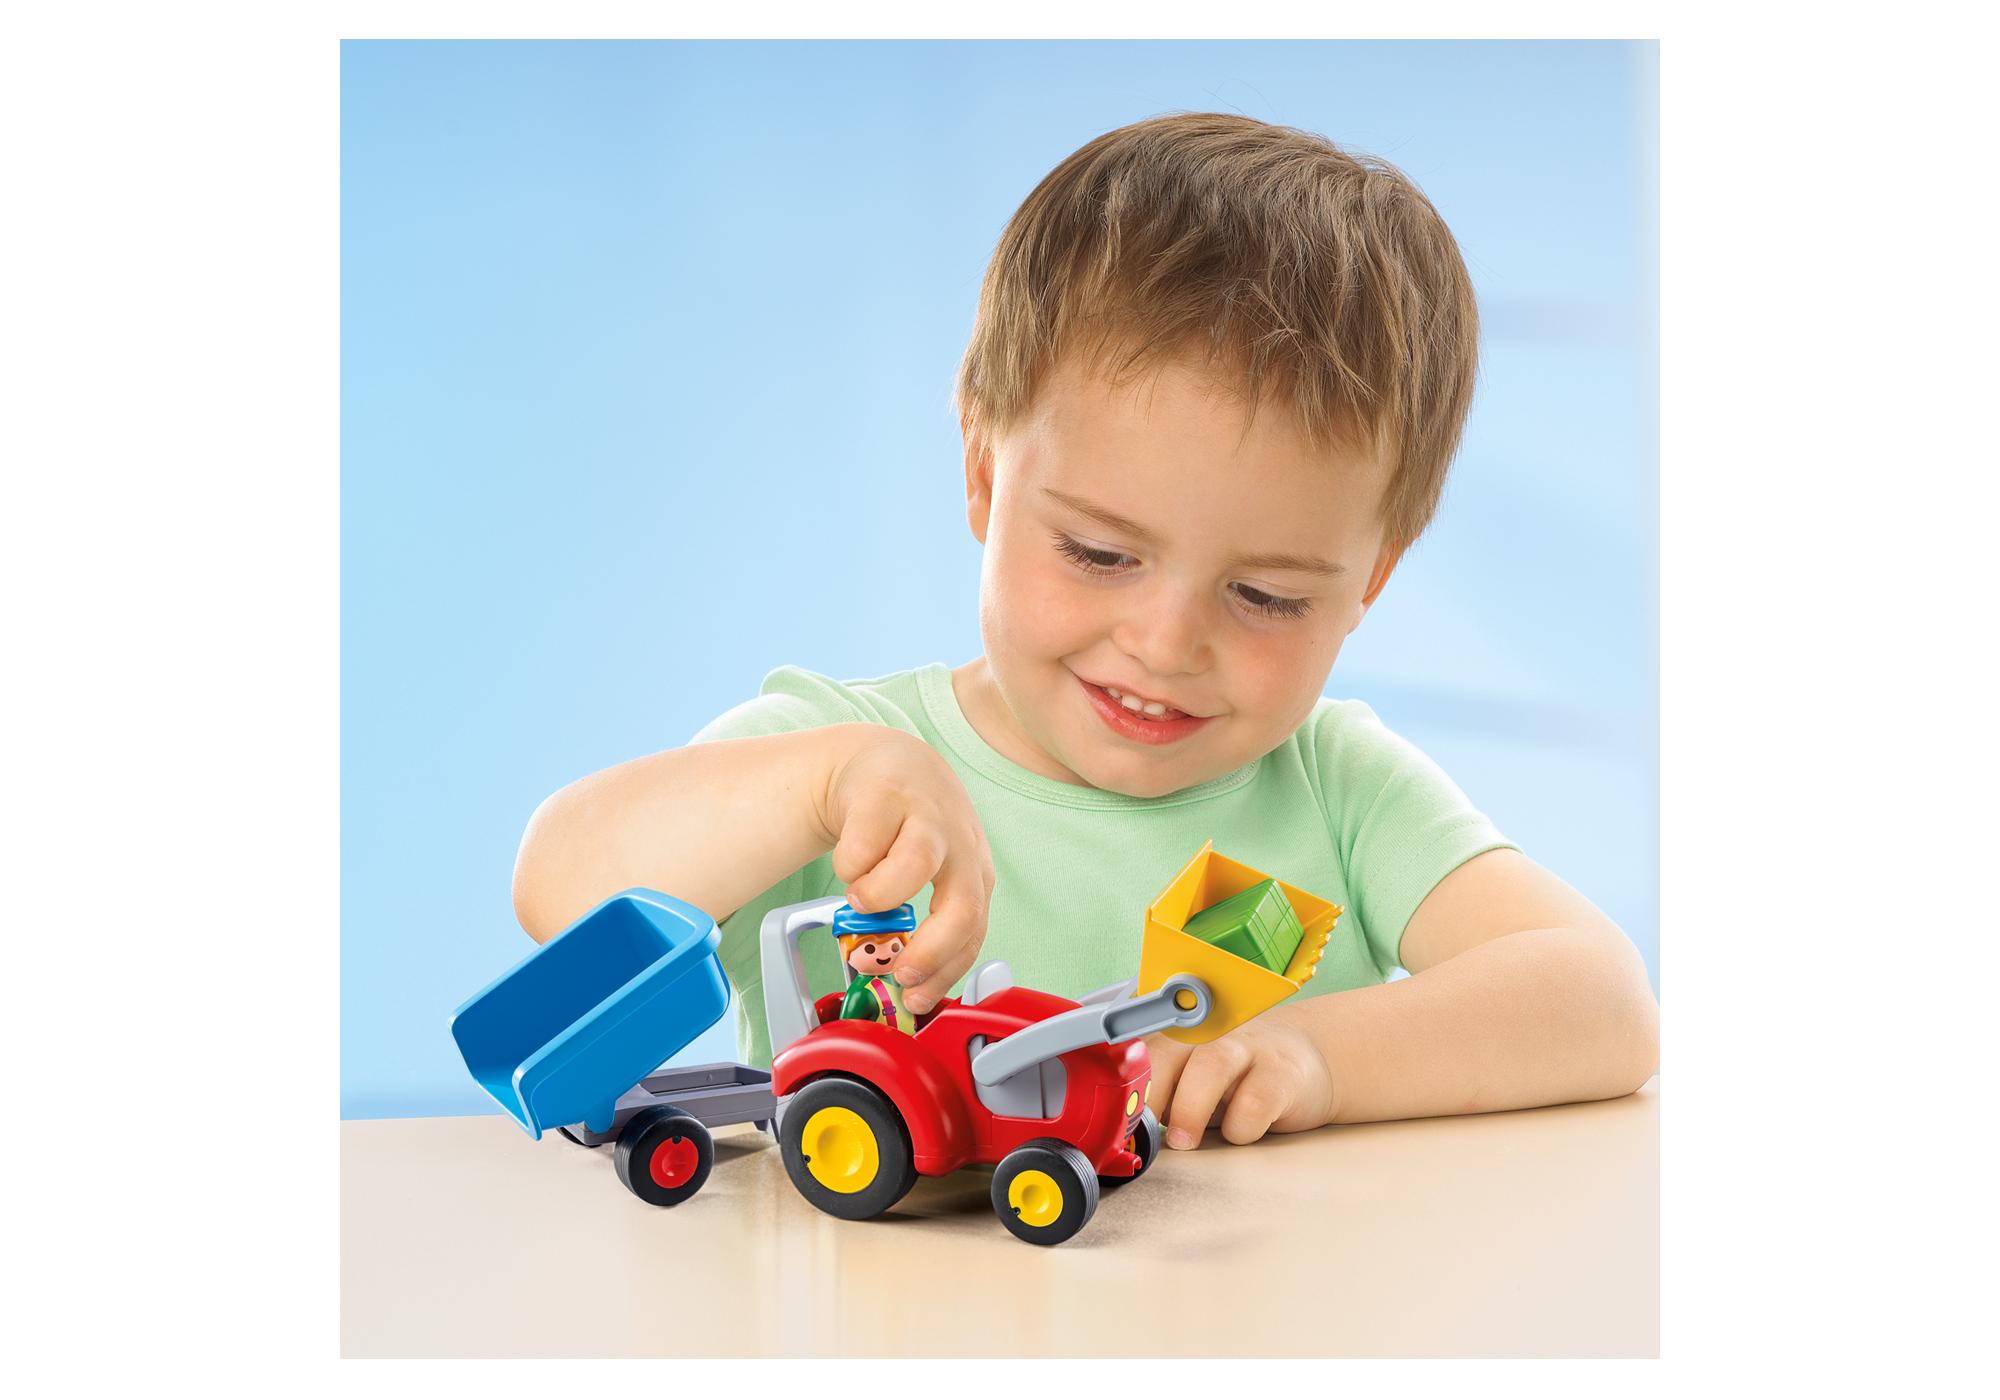 http://media.playmobil.com/i/playmobil/6964_product_extra1/Boer met tractor en aanhangwagen